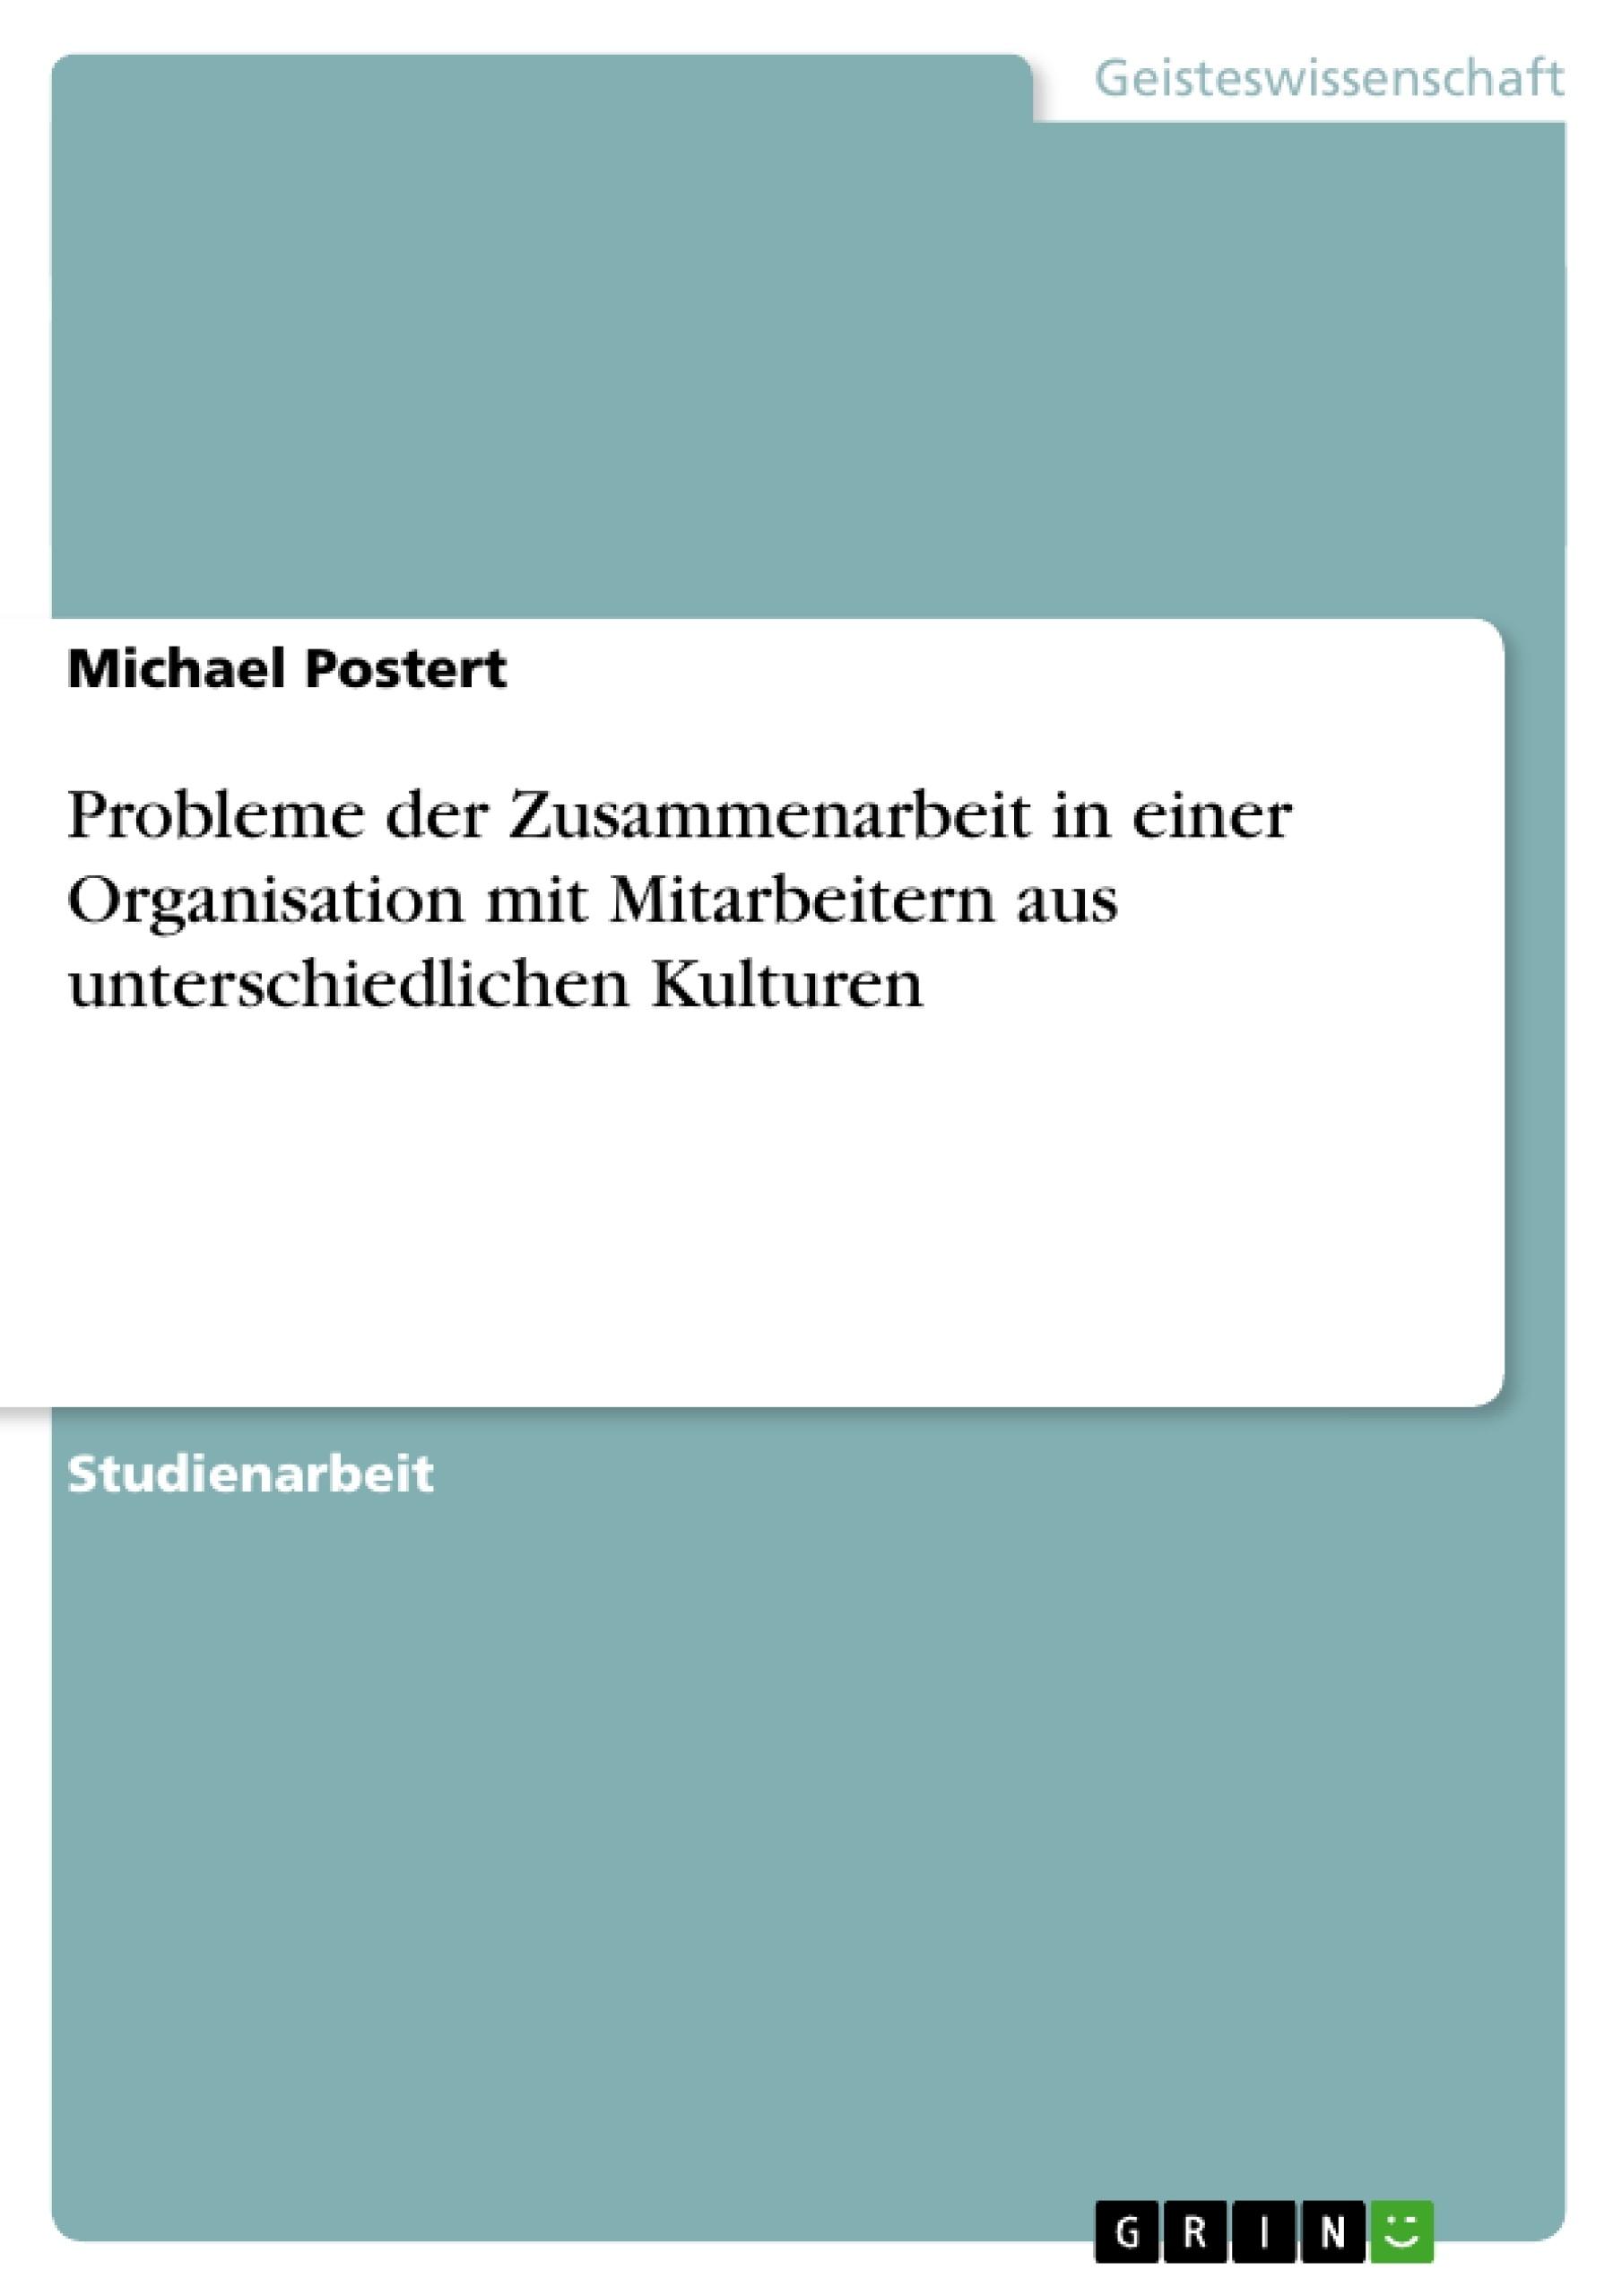 Titel: Probleme der Zusammenarbeit in einer Organisation mit Mitarbeitern aus unterschiedlichen Kulturen